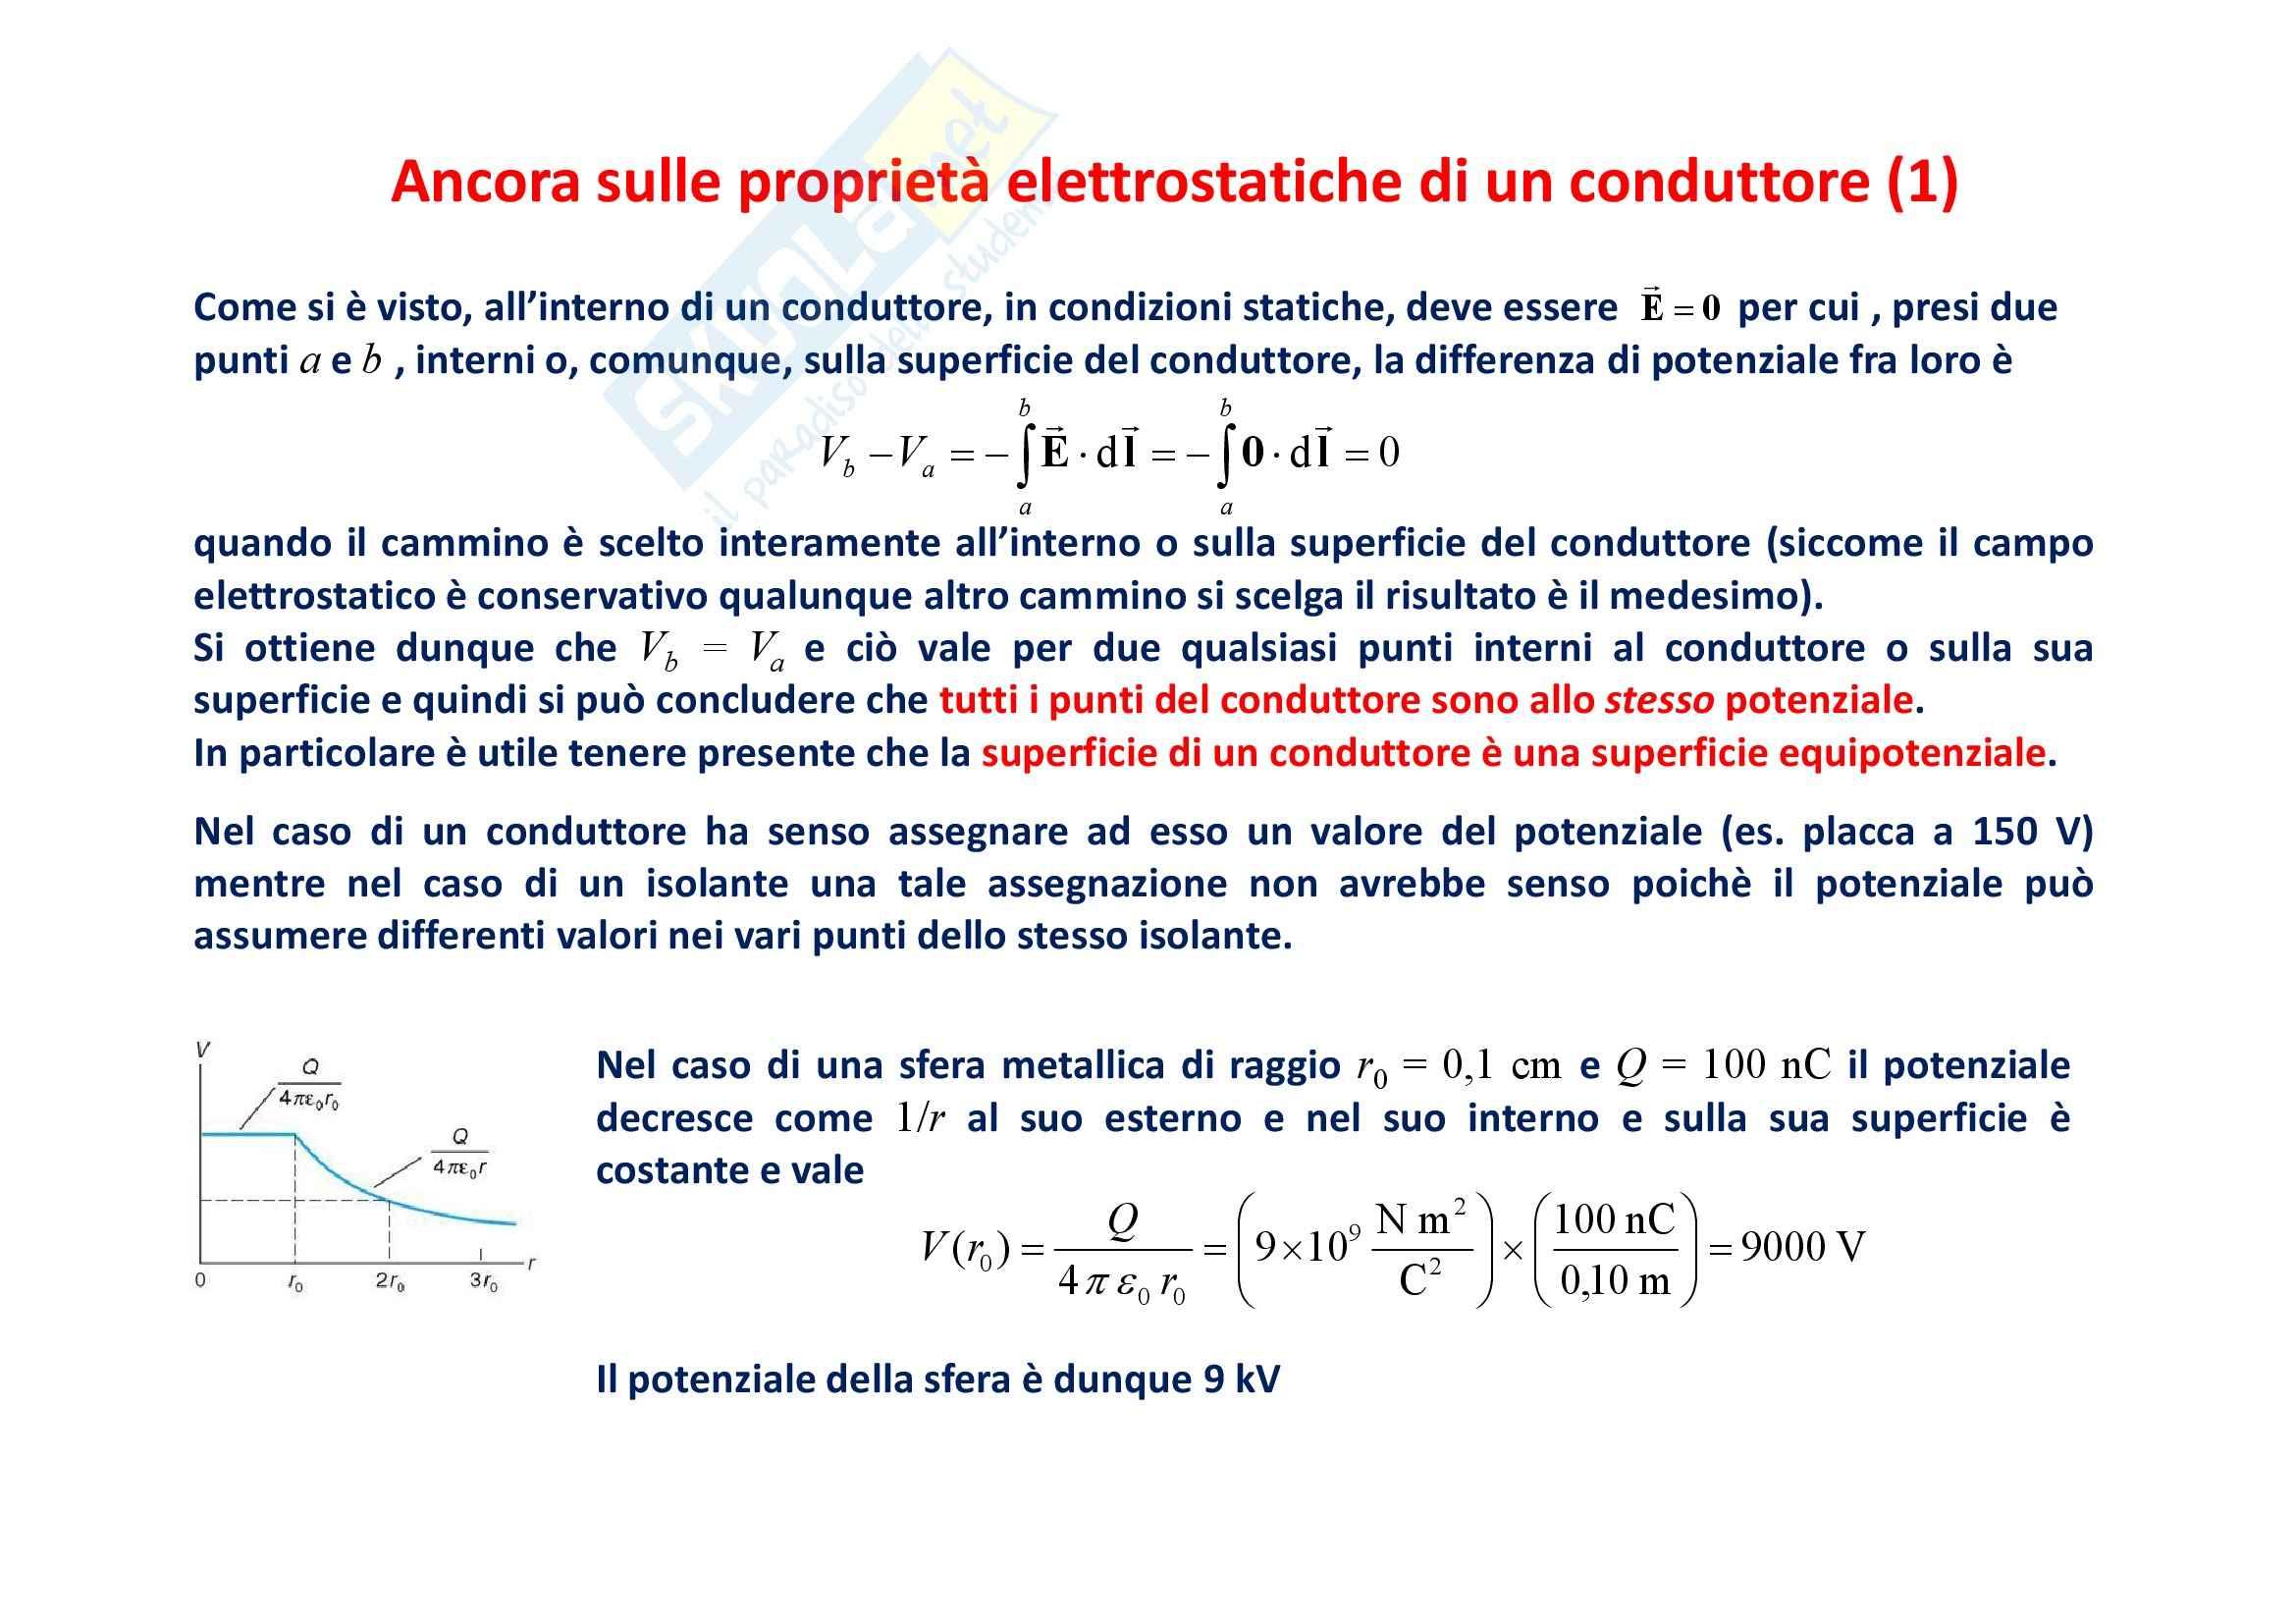 Fisica generale - l'elettromagnetismo potenziale elettrostatico Pag. 16